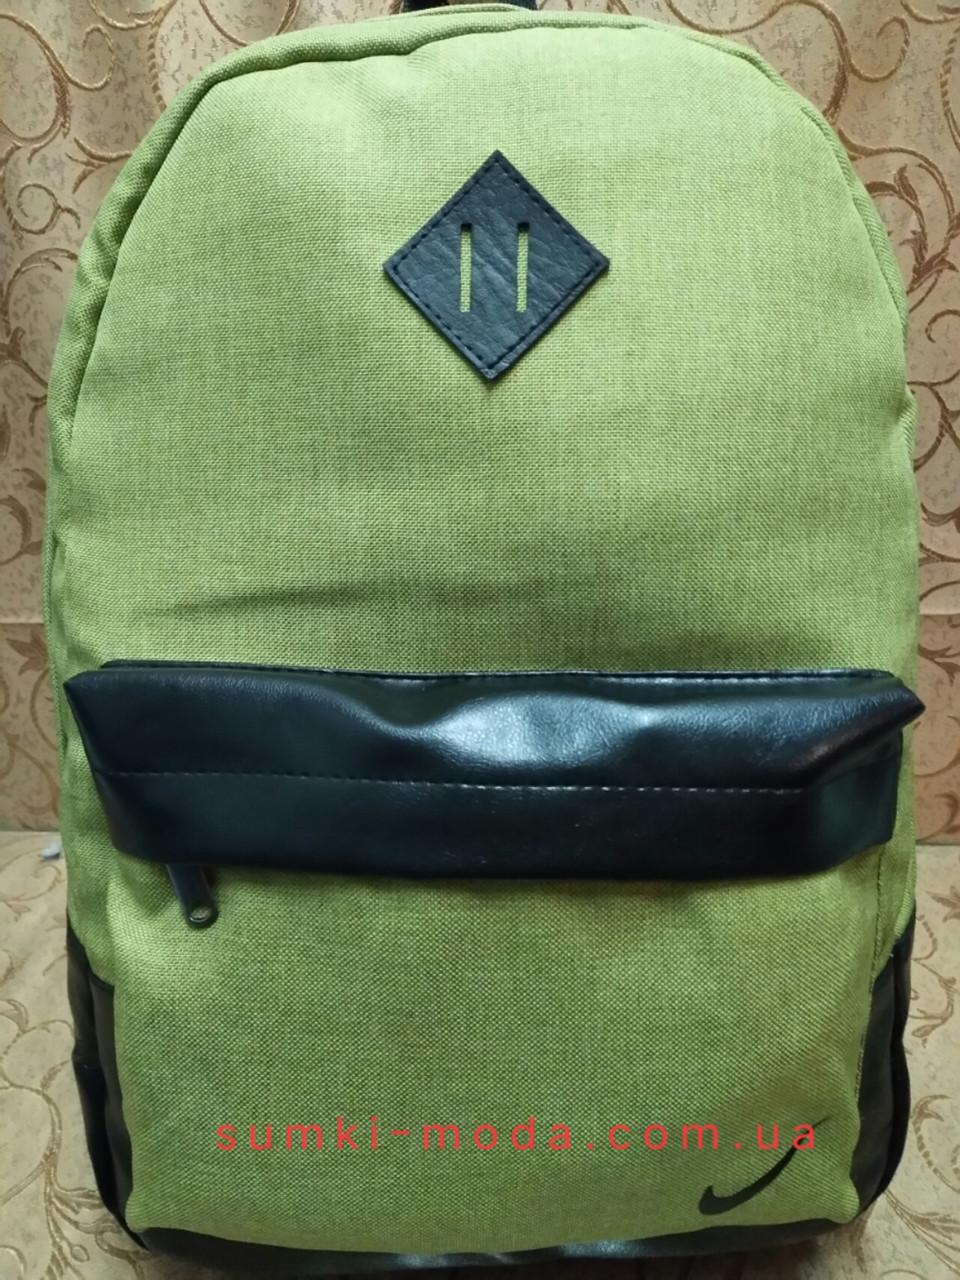 Рюкзаки спортивный найк nike(кожа+ткань катион матовый)спорт городской стильный Рюкзак только оптом